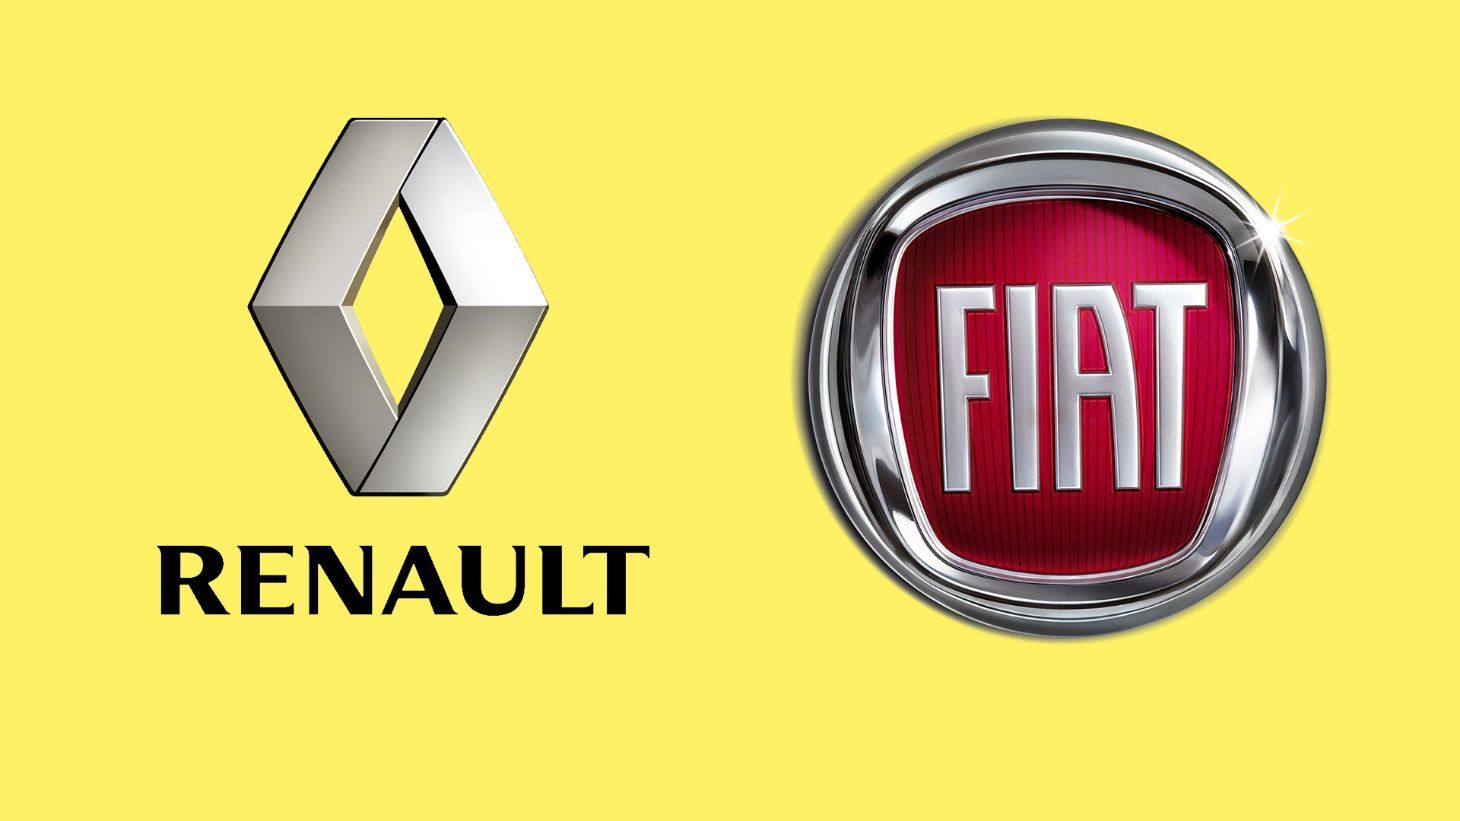 Fusão entre Renault e Fiat-Chrysler (FCA) poderá ser anunciada em poucos dias